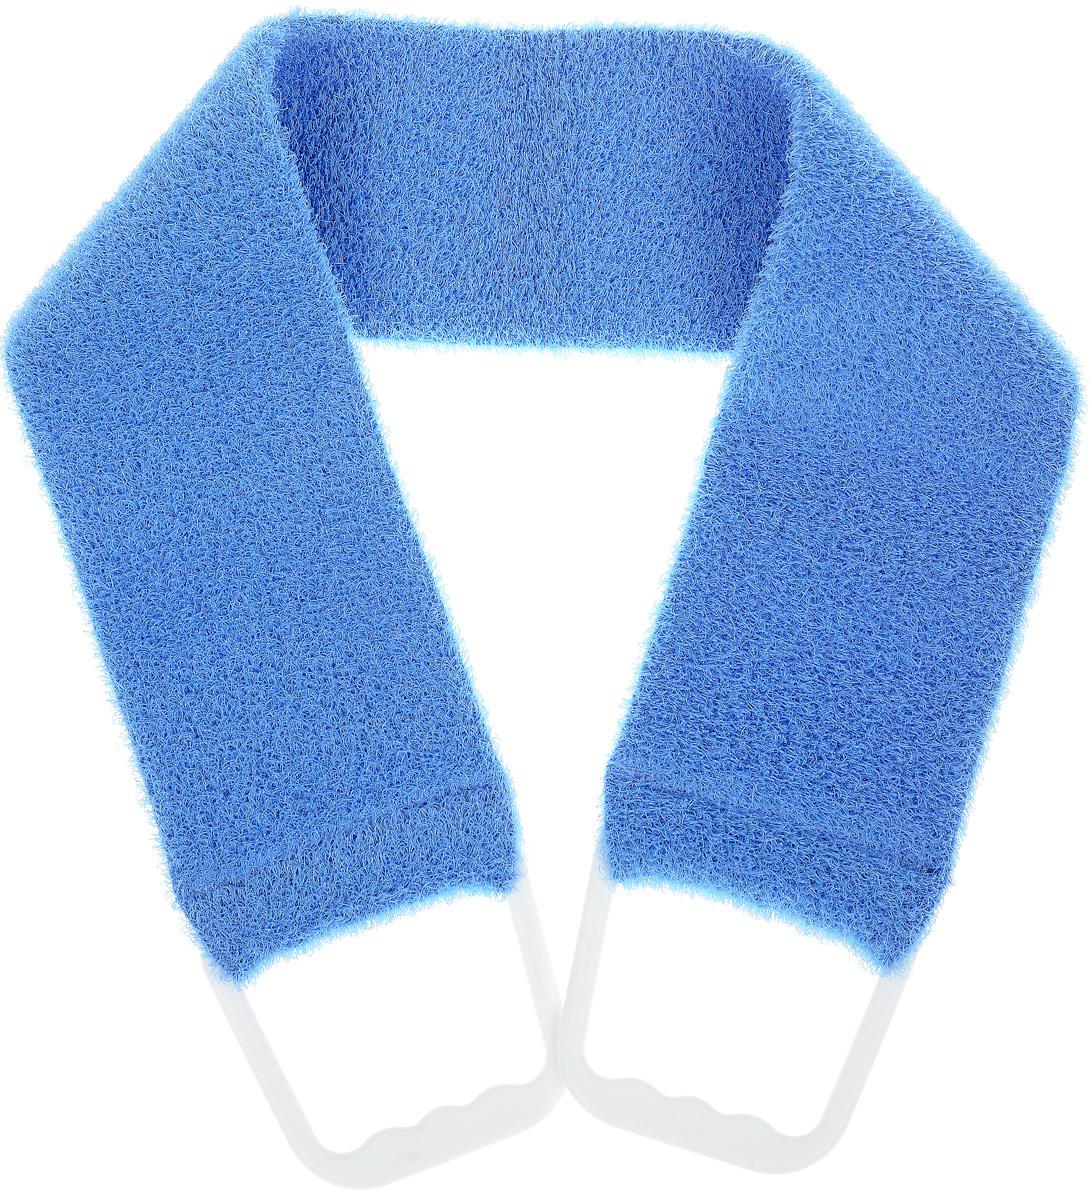 Riffi Мочалка-пояс, массажная, жесткая, цвет: синий коляска mr sandman prima люлька 100% эко кожа темно синий kmsp100 073407